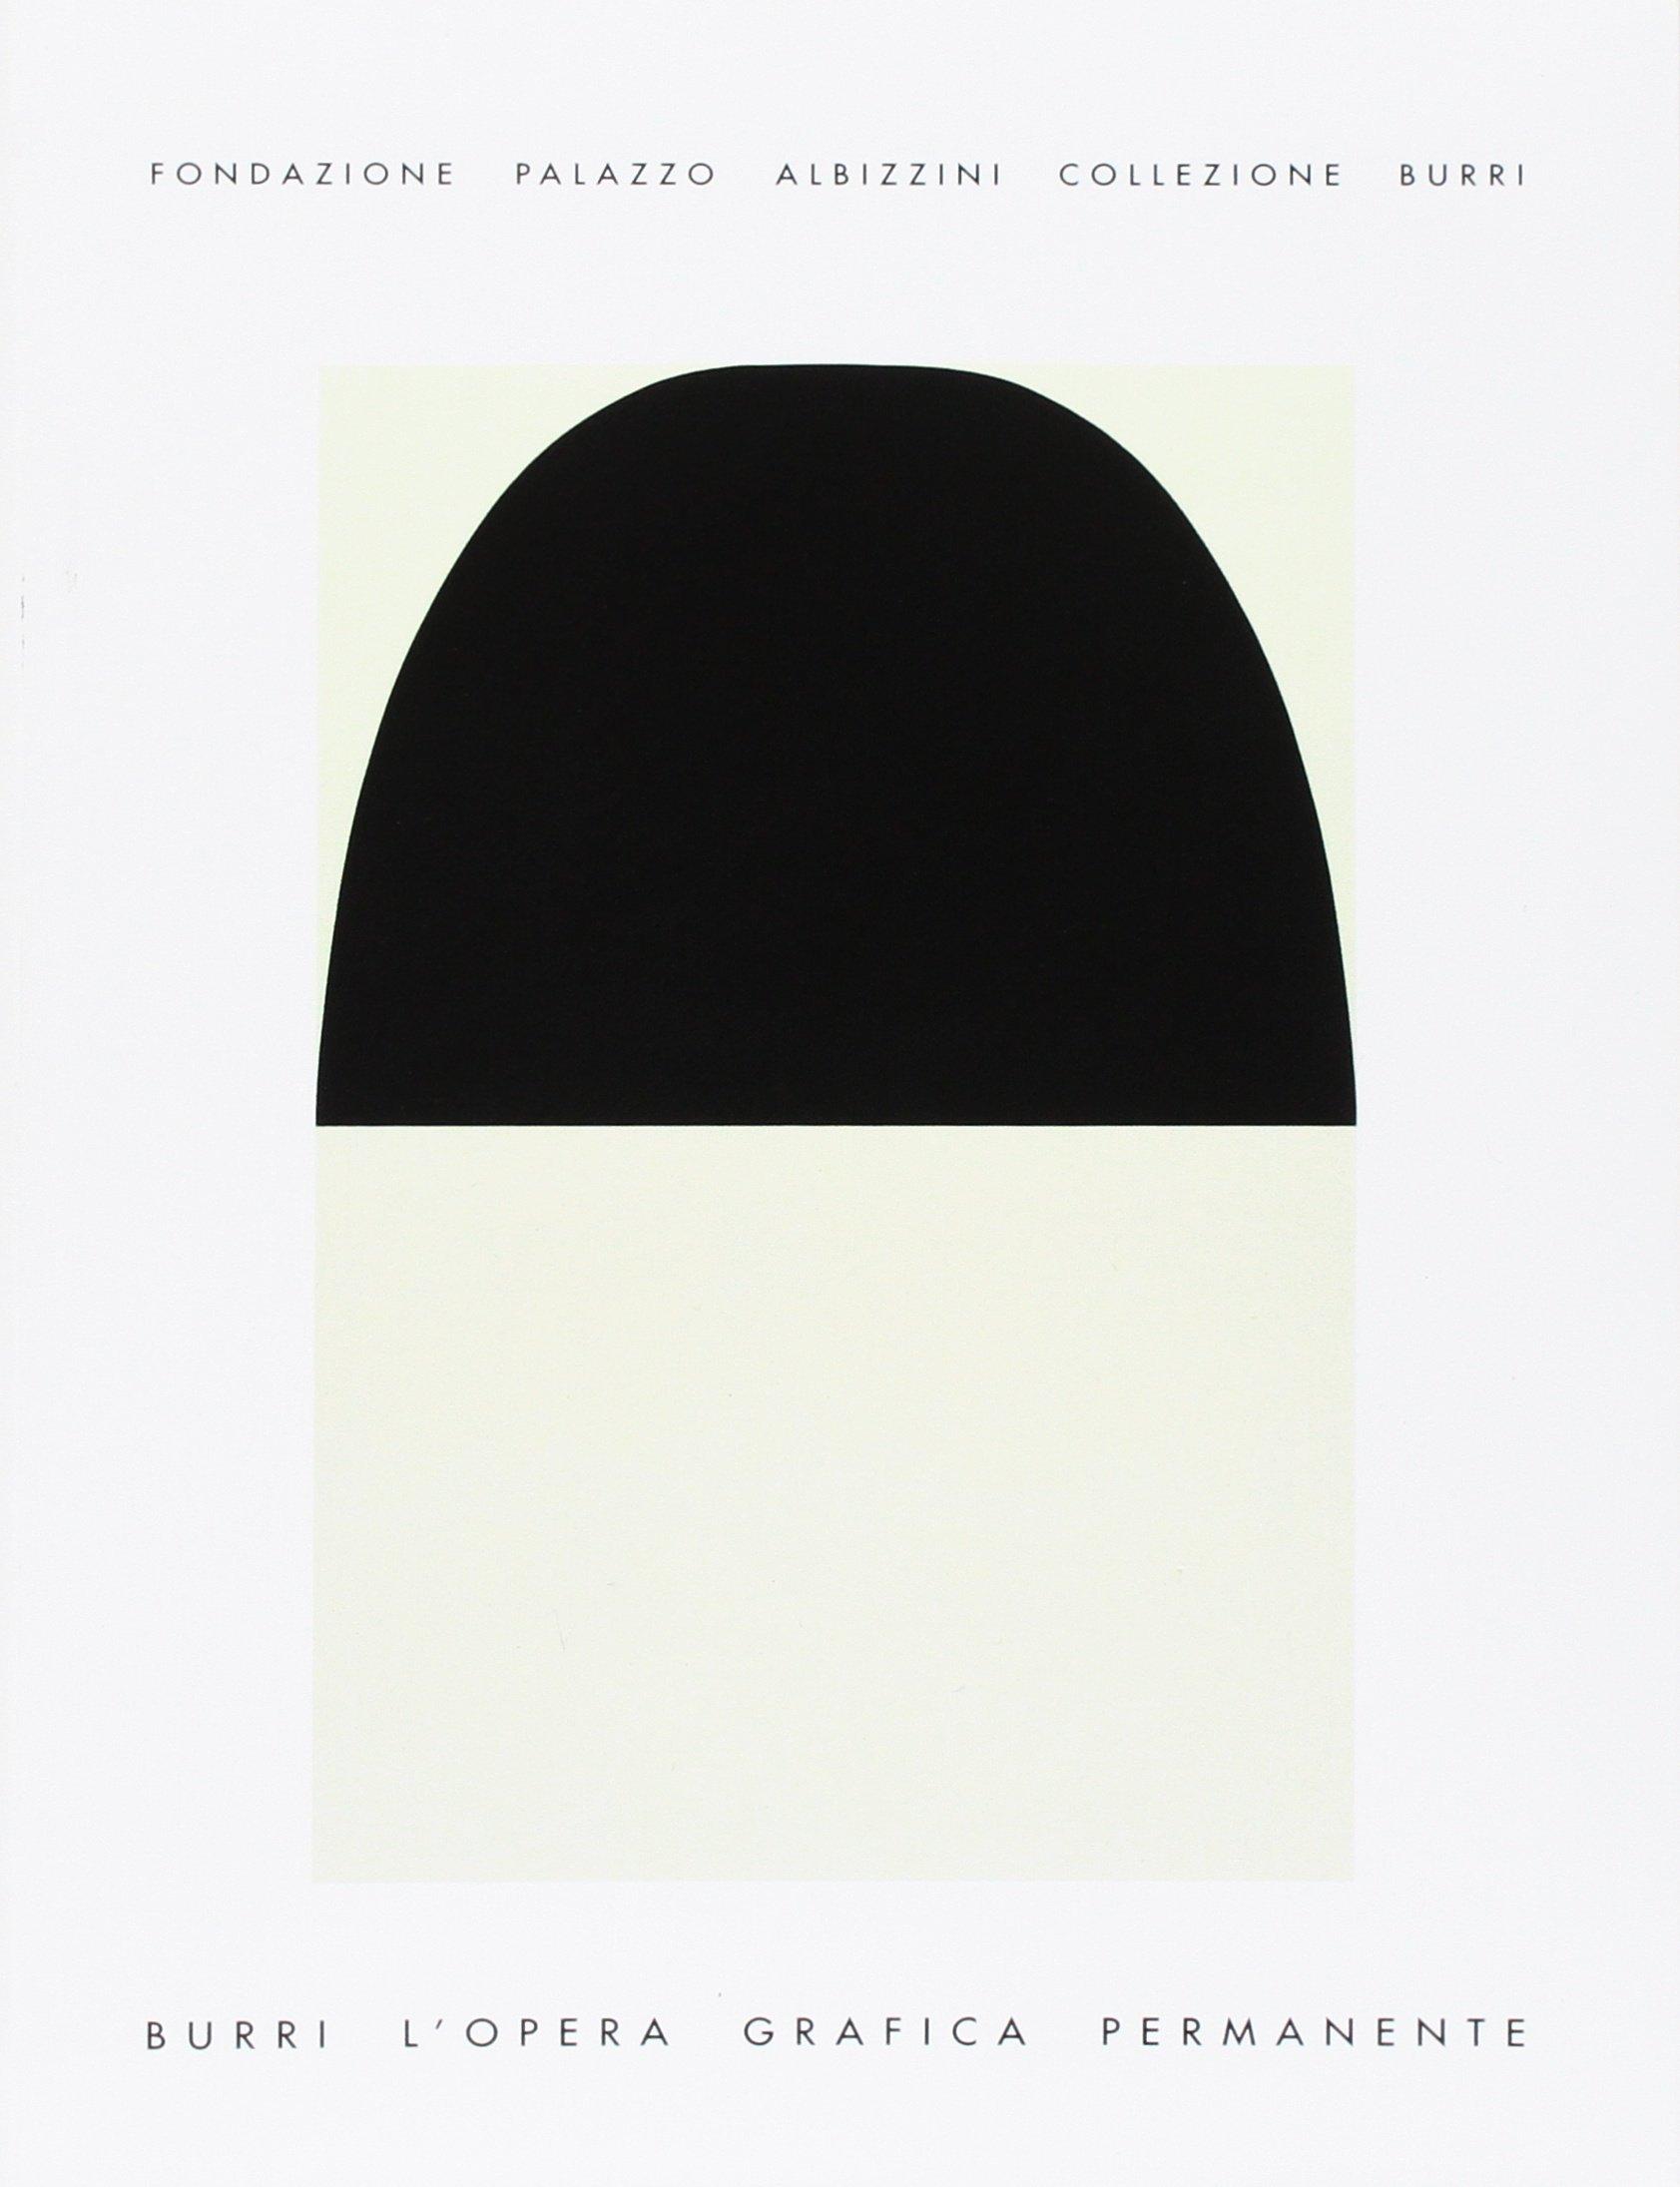 cataloghi arte contemporanea burri